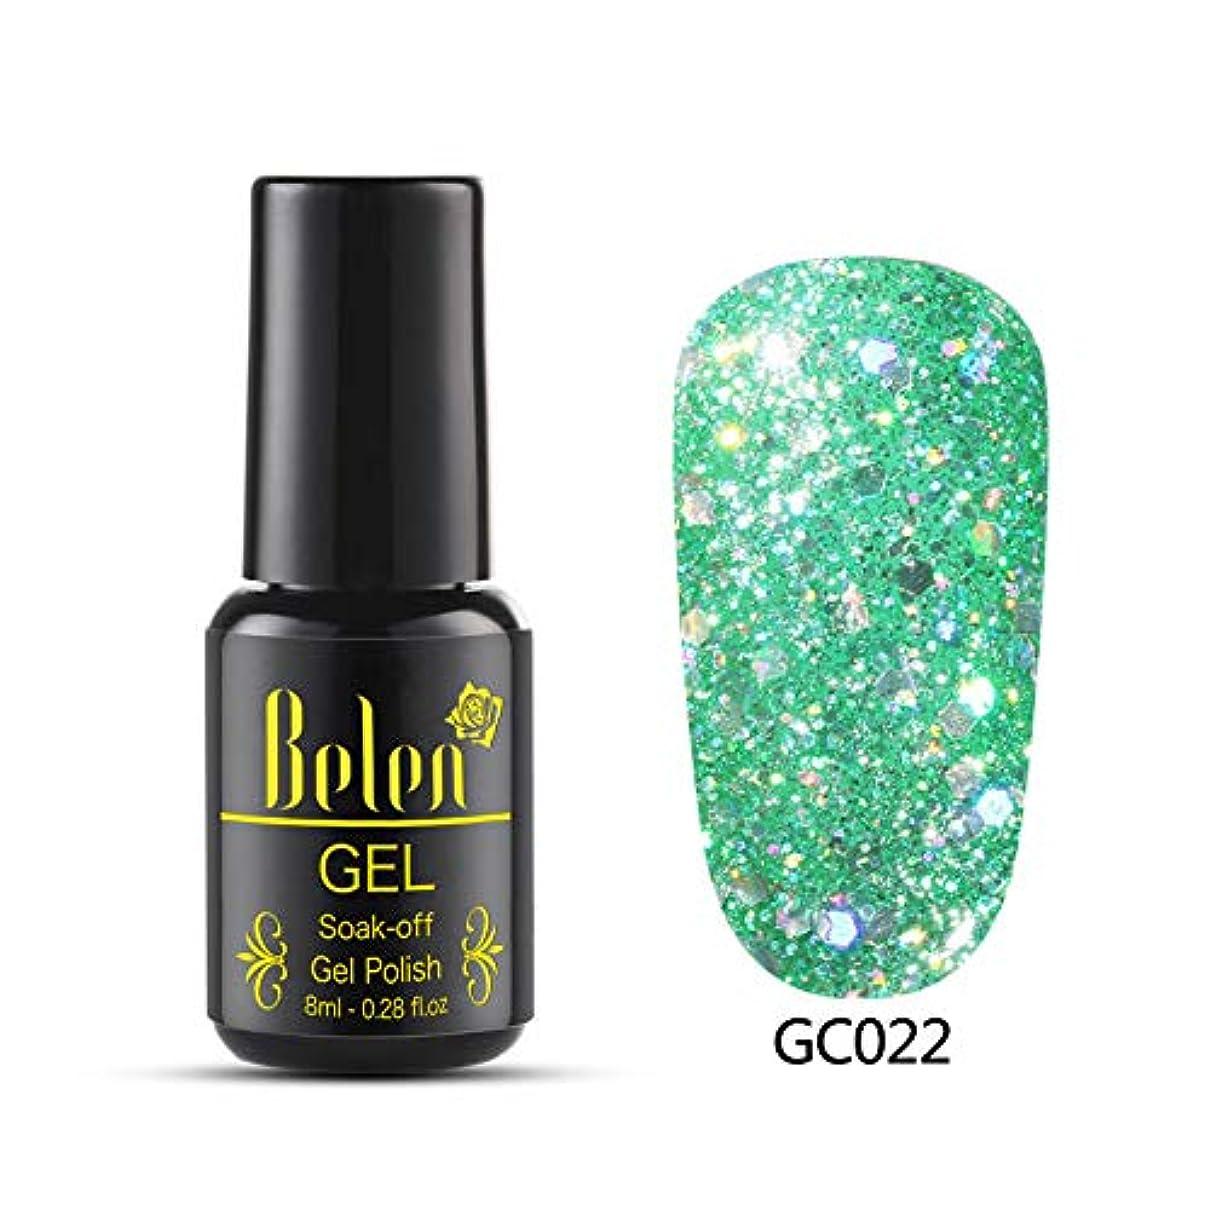 感じる北へ啓示Belen ジェルネイル カラージェル ダイヤモンド系 グリッタージェル 8ml【全78色選択可】